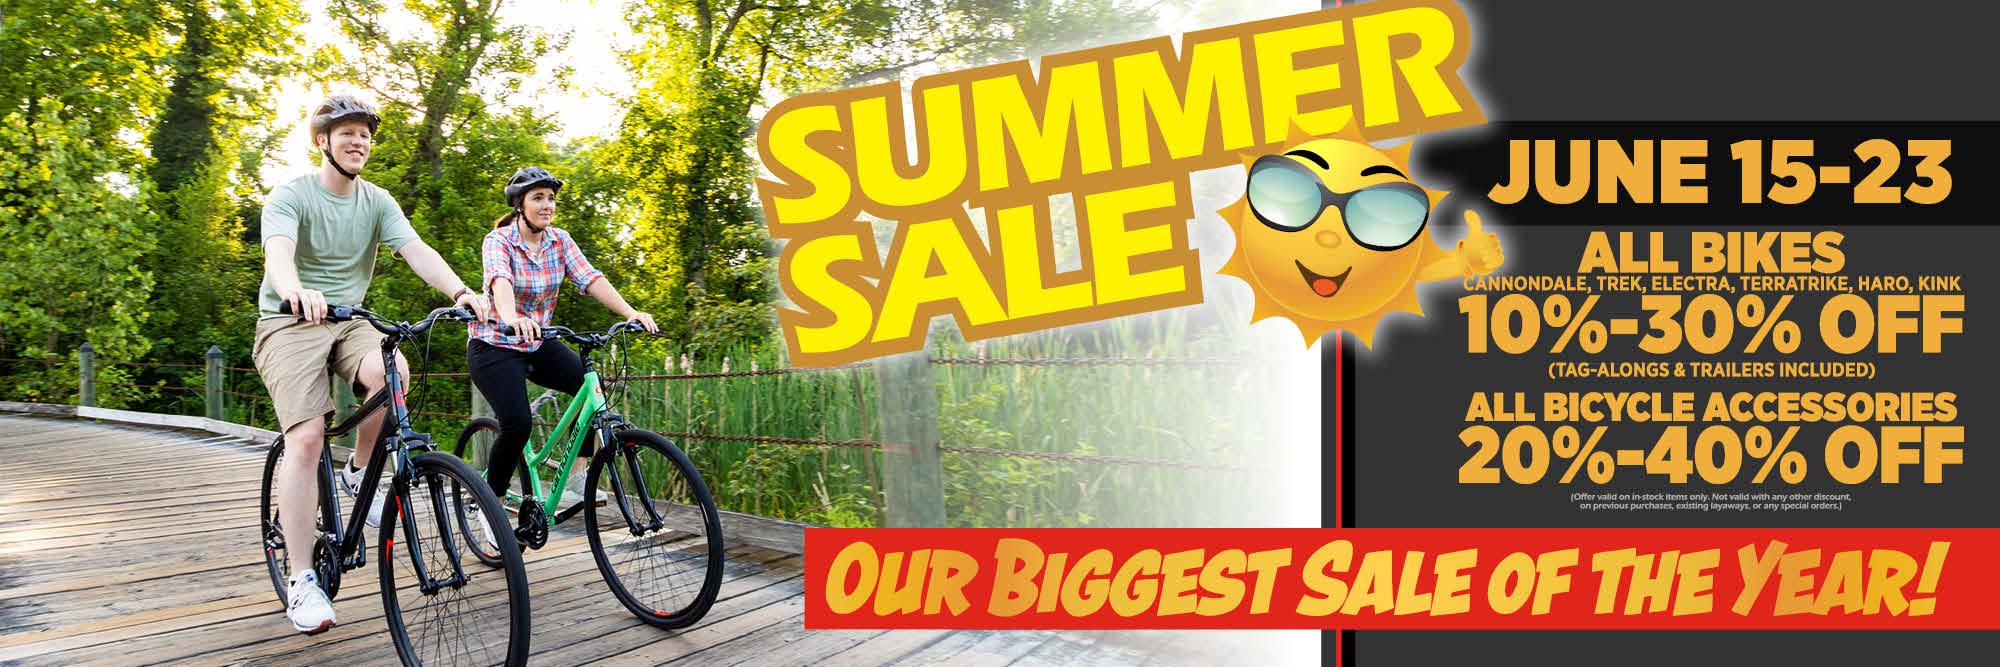 Sunny Summertime Savings!